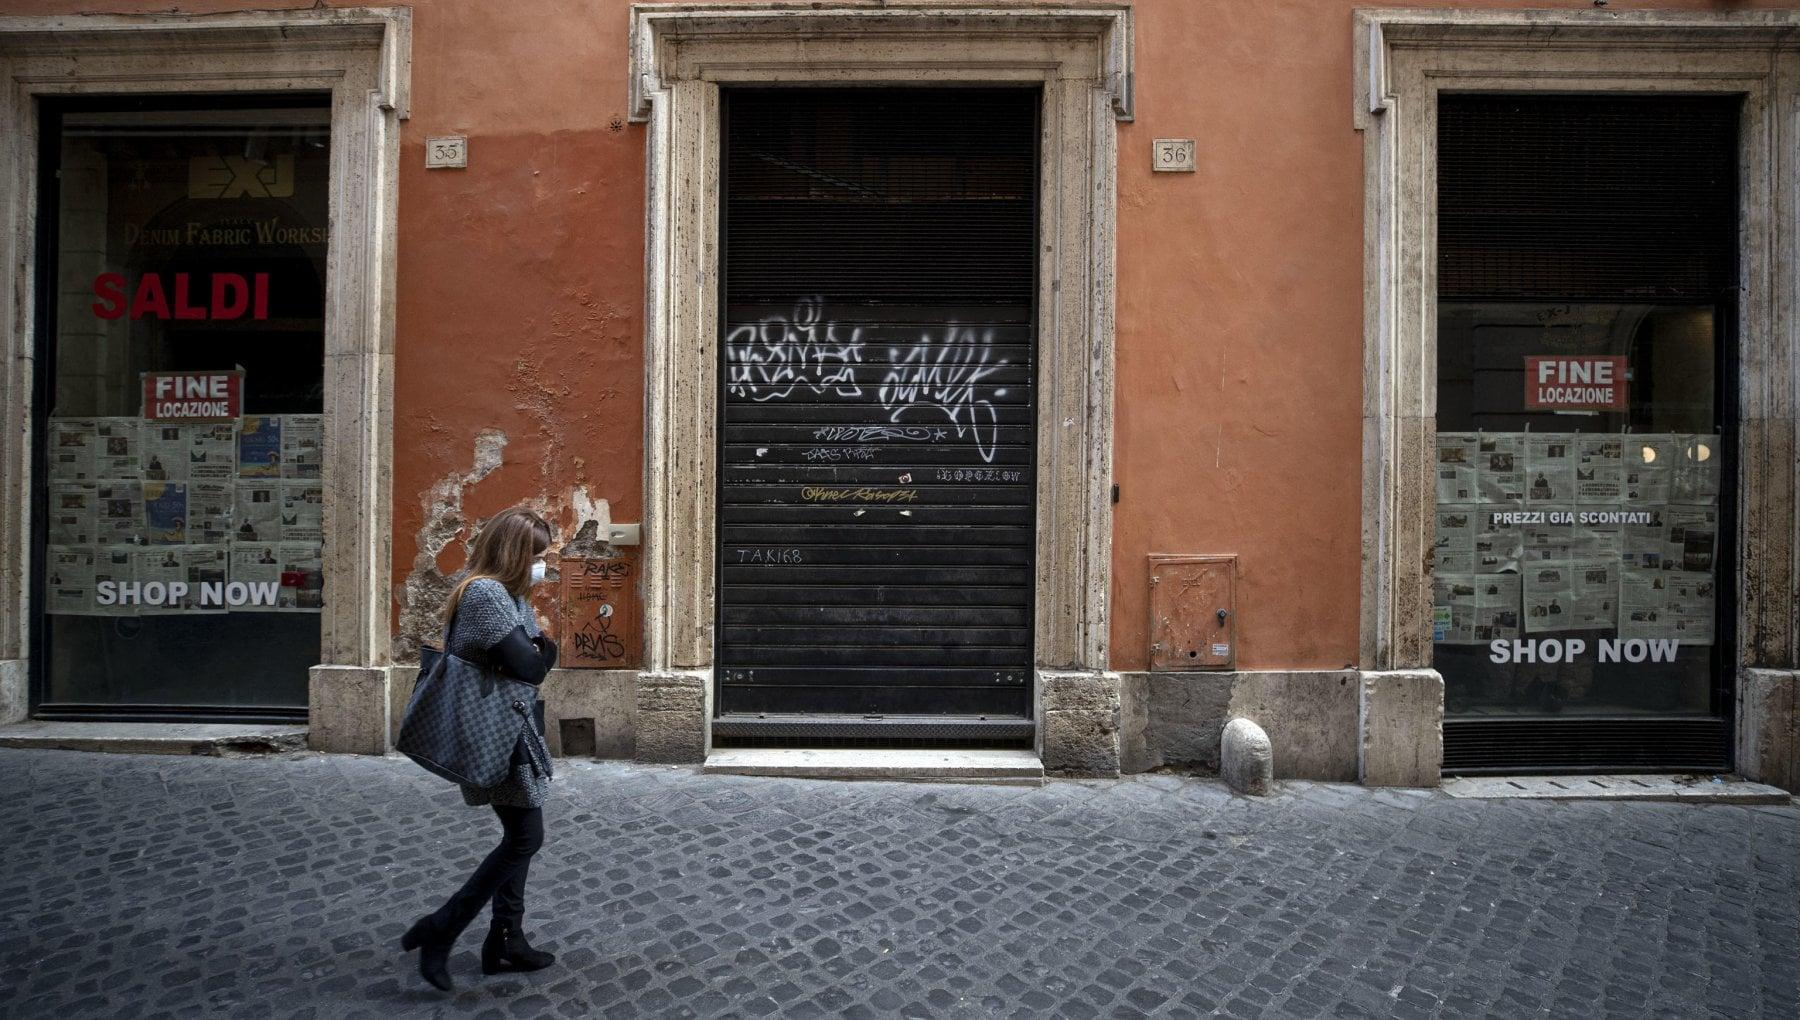 Coronavirus nel Lazio tutti i negozi chiusi alle 21 nuova ordinanza della Regione